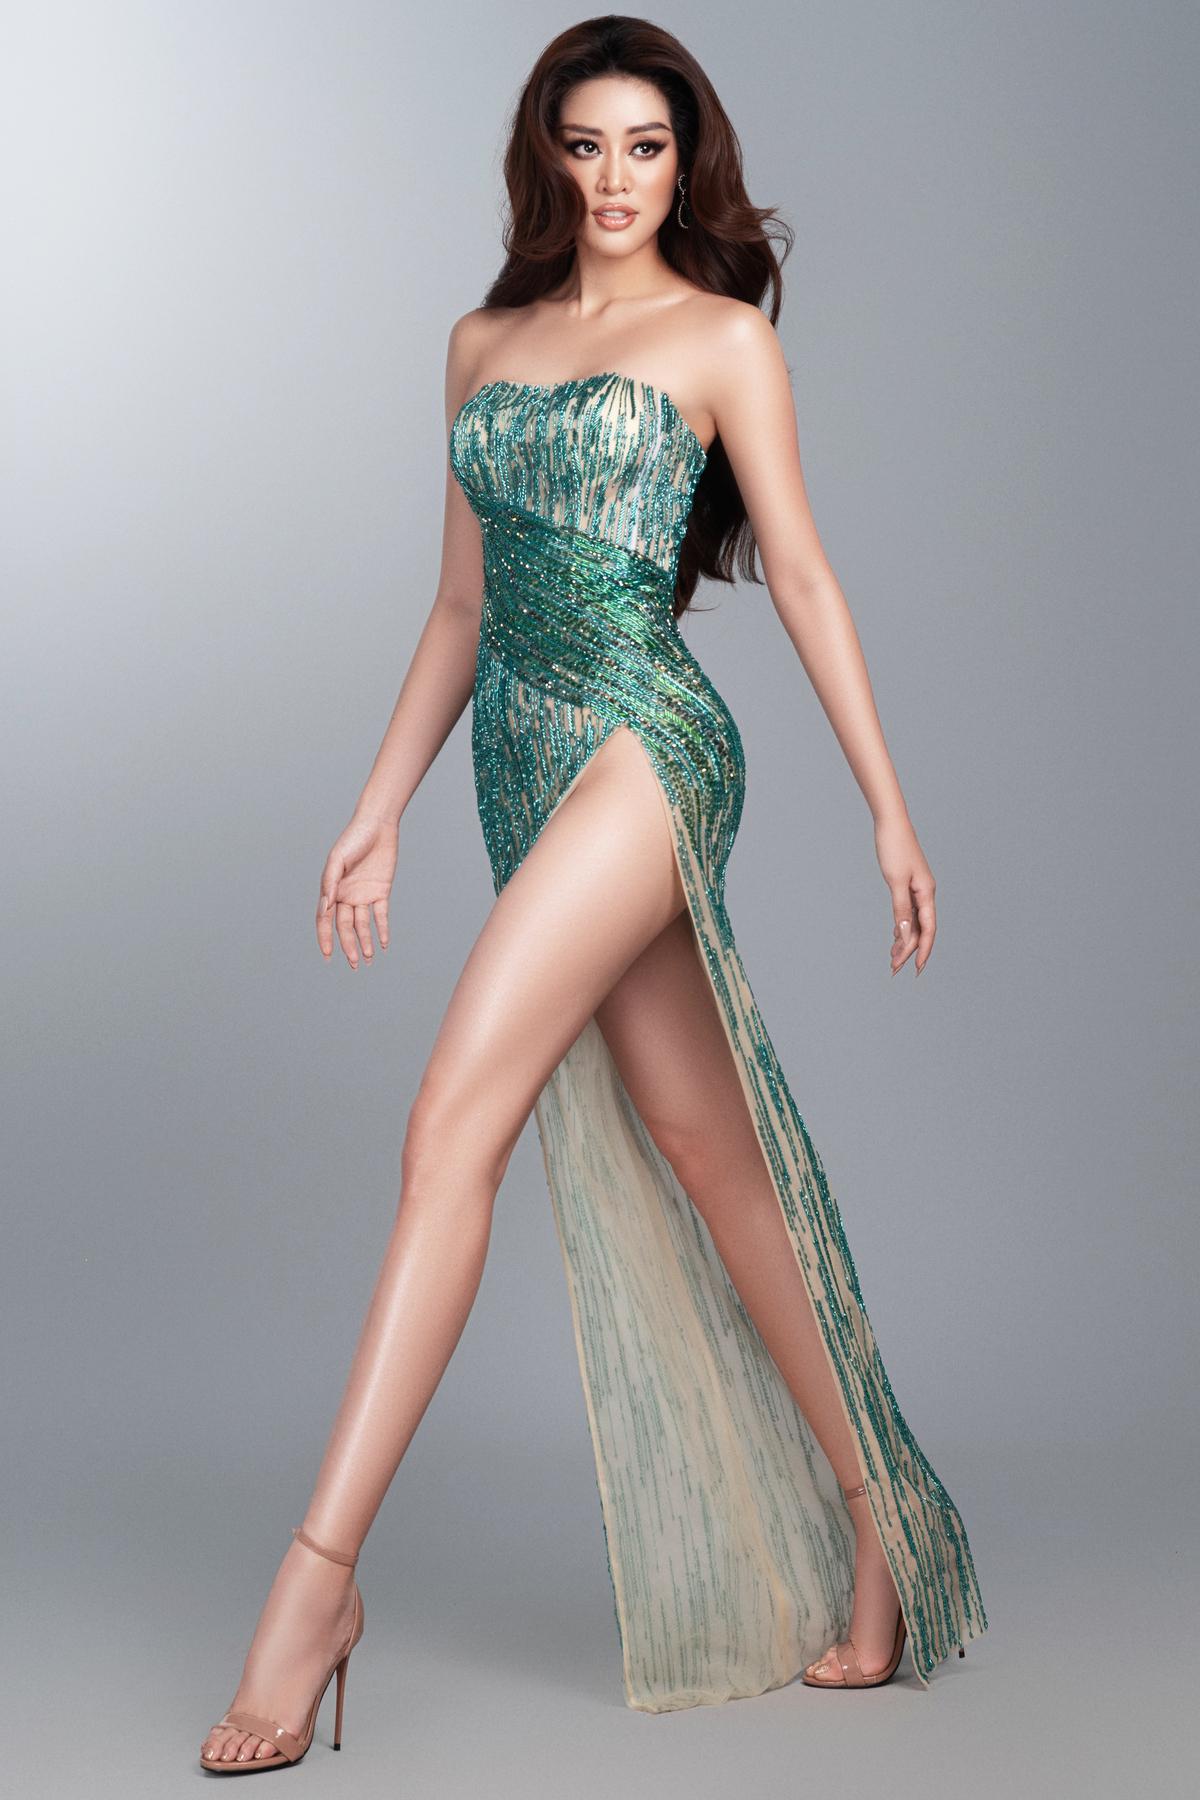 Ngoài ra, còn rất nhiều mẫu trang phục khác cũng được khán giả kỳ vọng Khánh Vân diện ở Miss Universe như thiết kế xẻ cao tít tắp của Nhà mốt 9192...